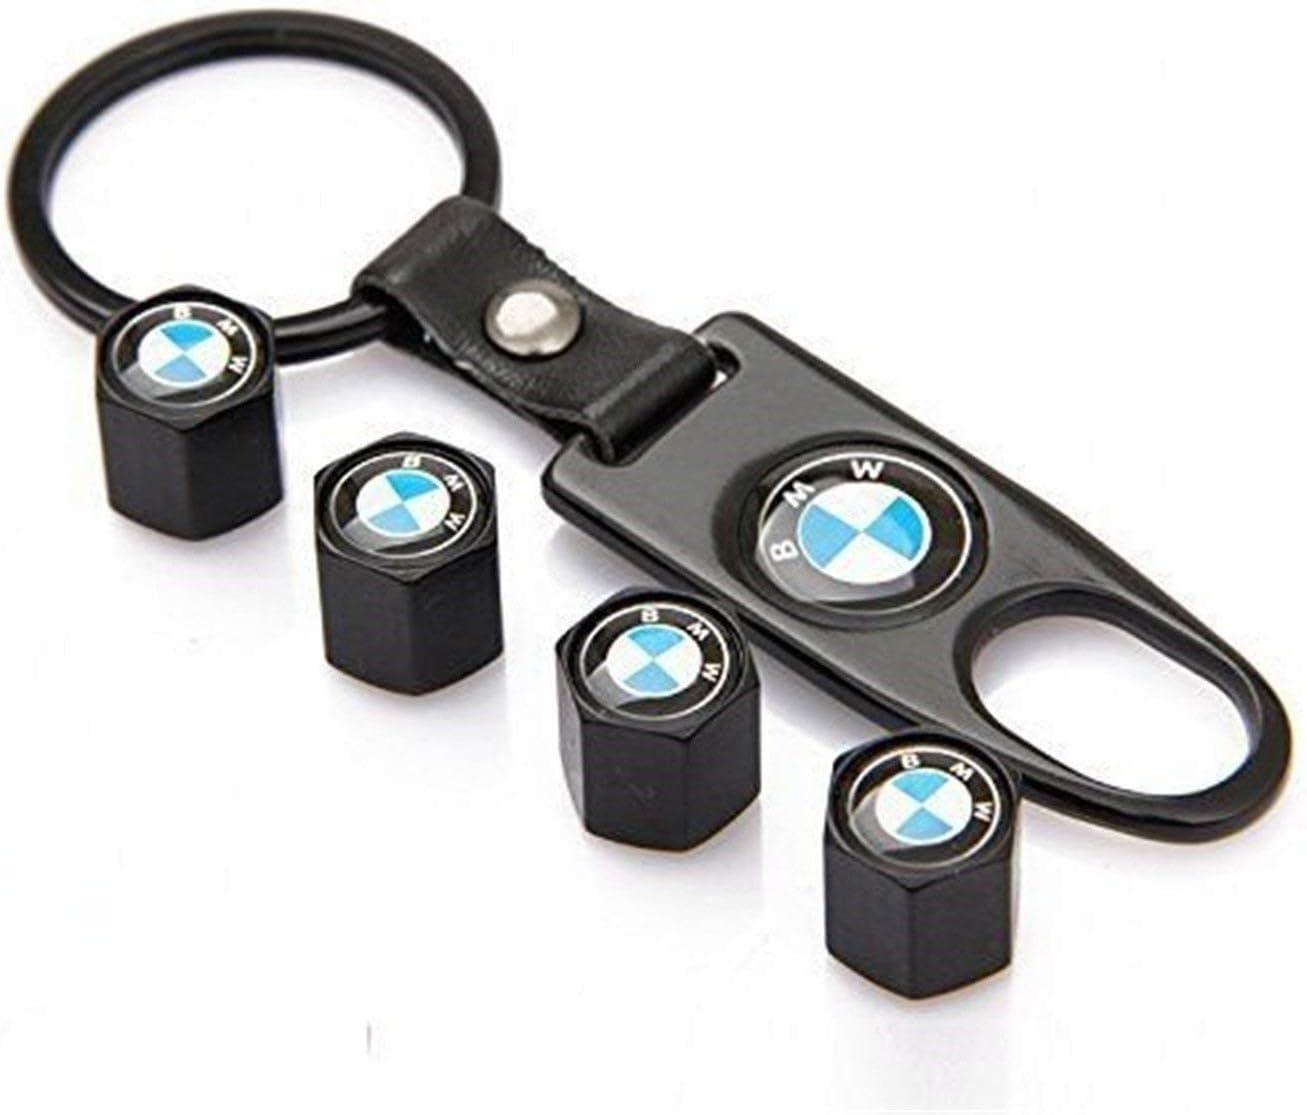 JGDGUUT 4 Unidades//Lote Negro Coche Rueda V/álvula Tapones de neum/áticos Tallo de Aire Tapas Llavero para BMW